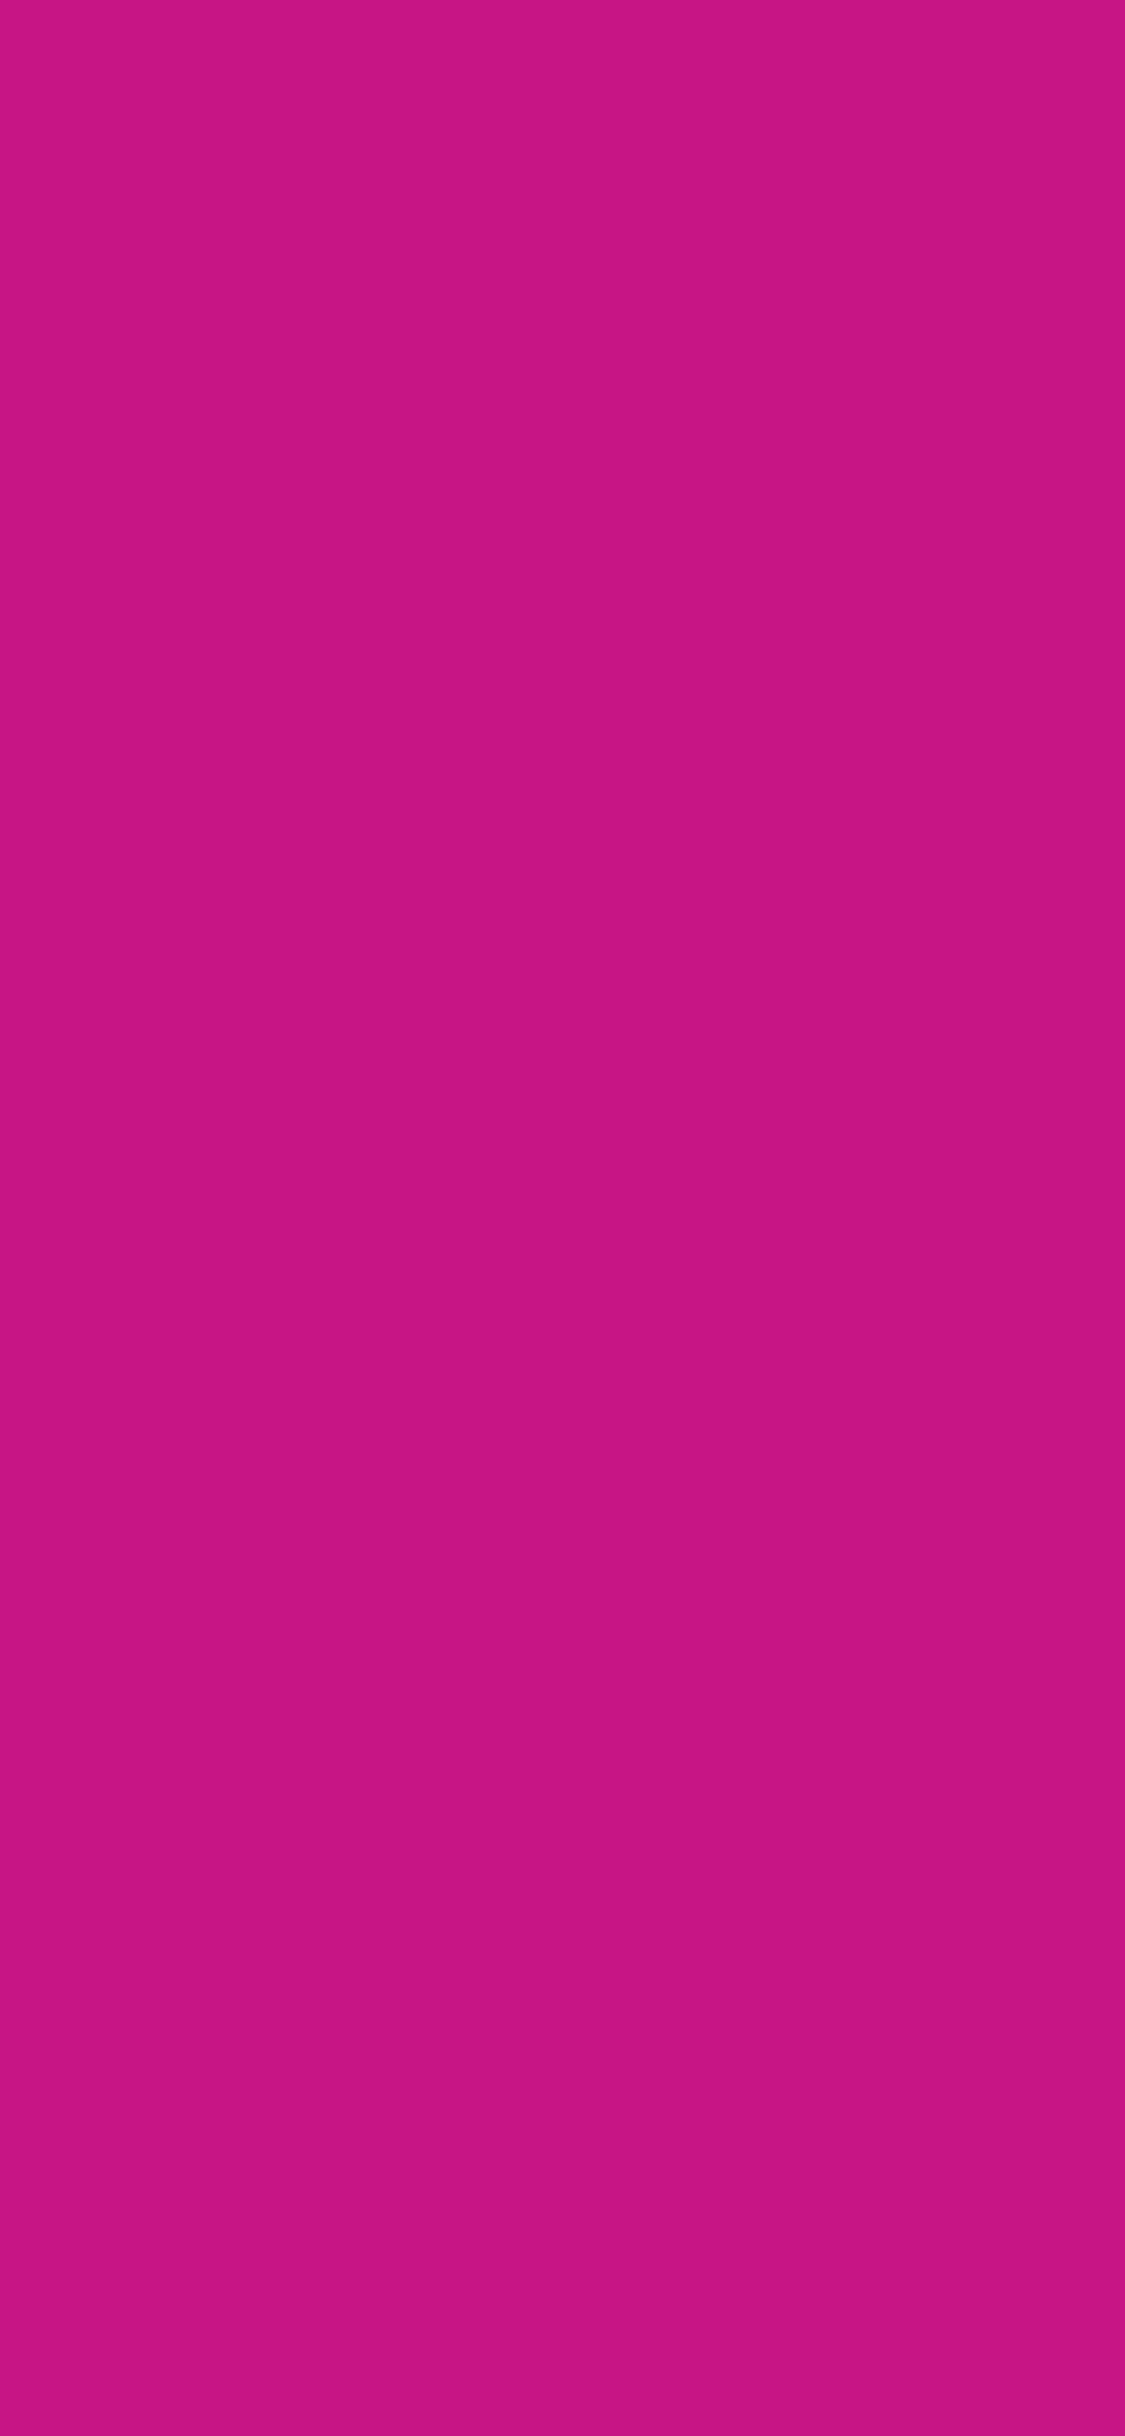 1125x2436 Red-violet Solid Color Background